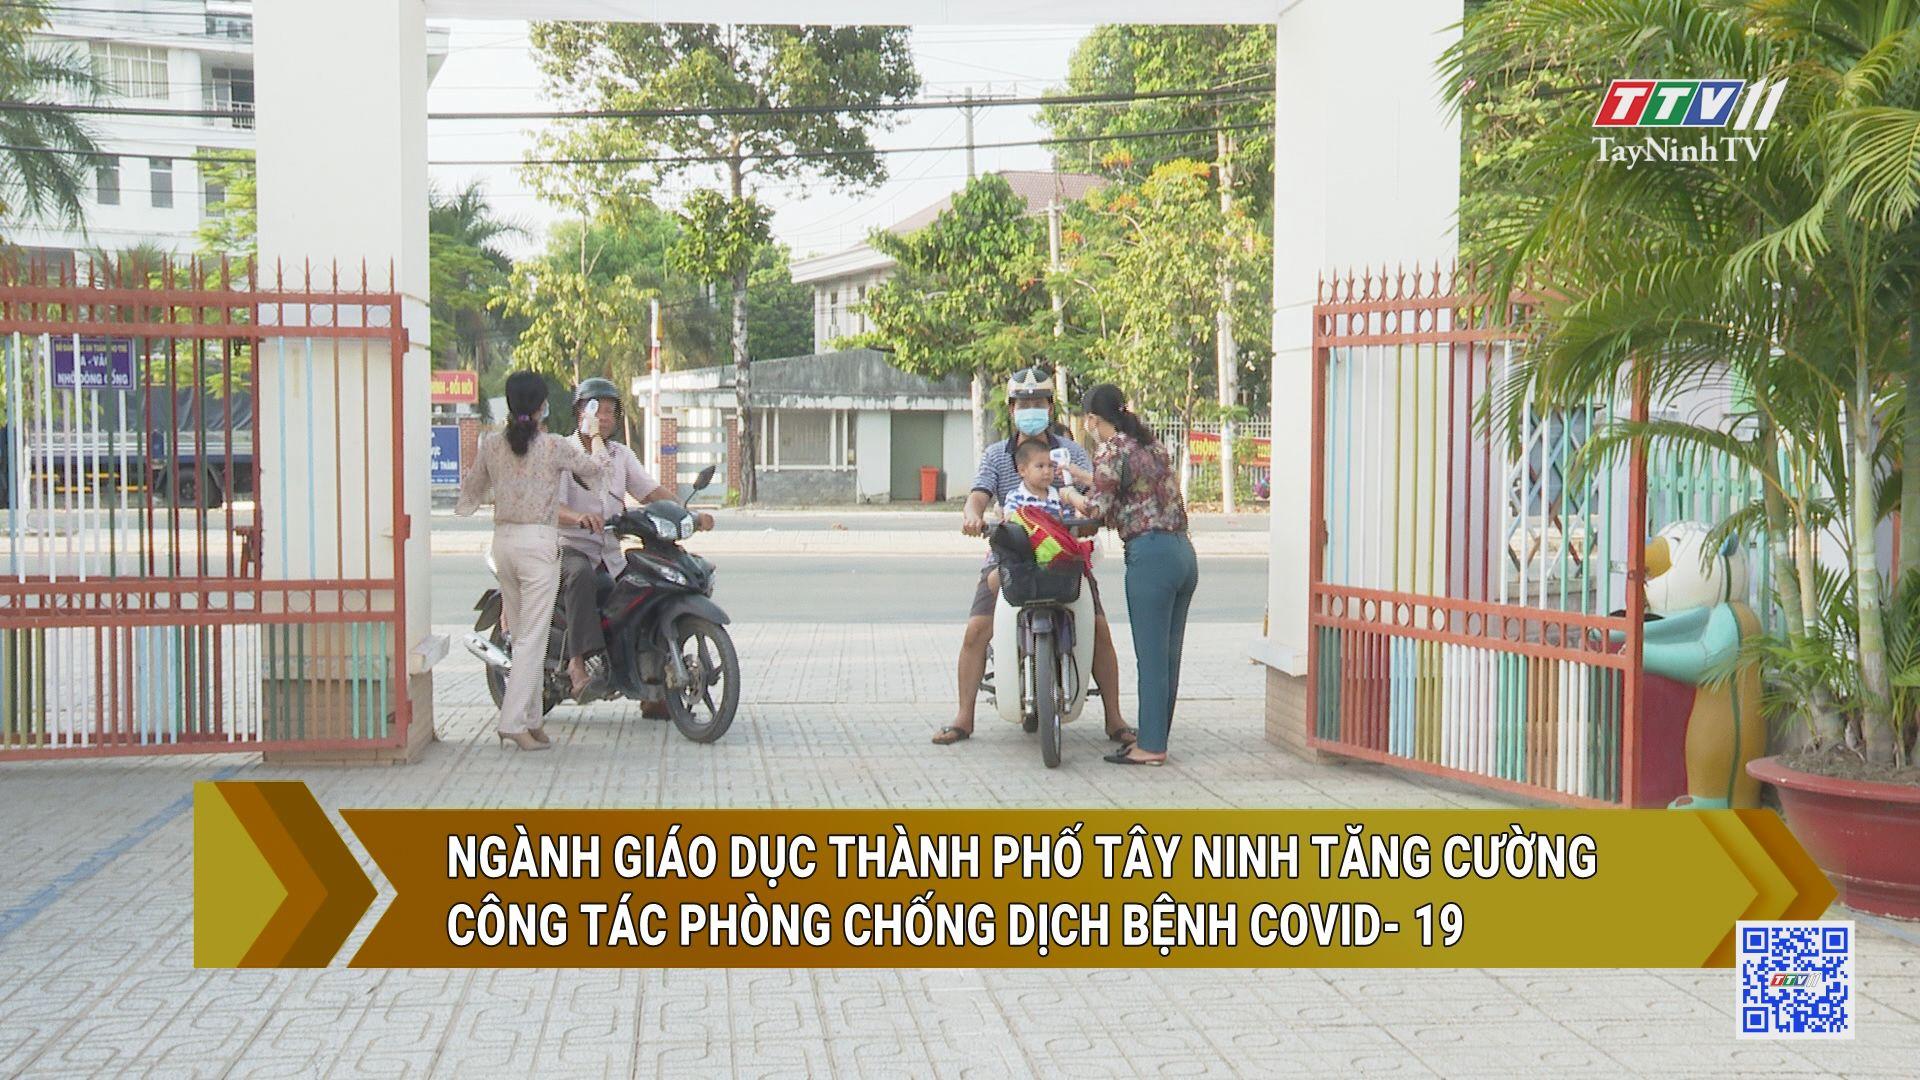 Ngành giáo dục thành phố Tây Ninh tăng cường công tác phòng chống dịch bệnh Covid-19 | TayNinhTV